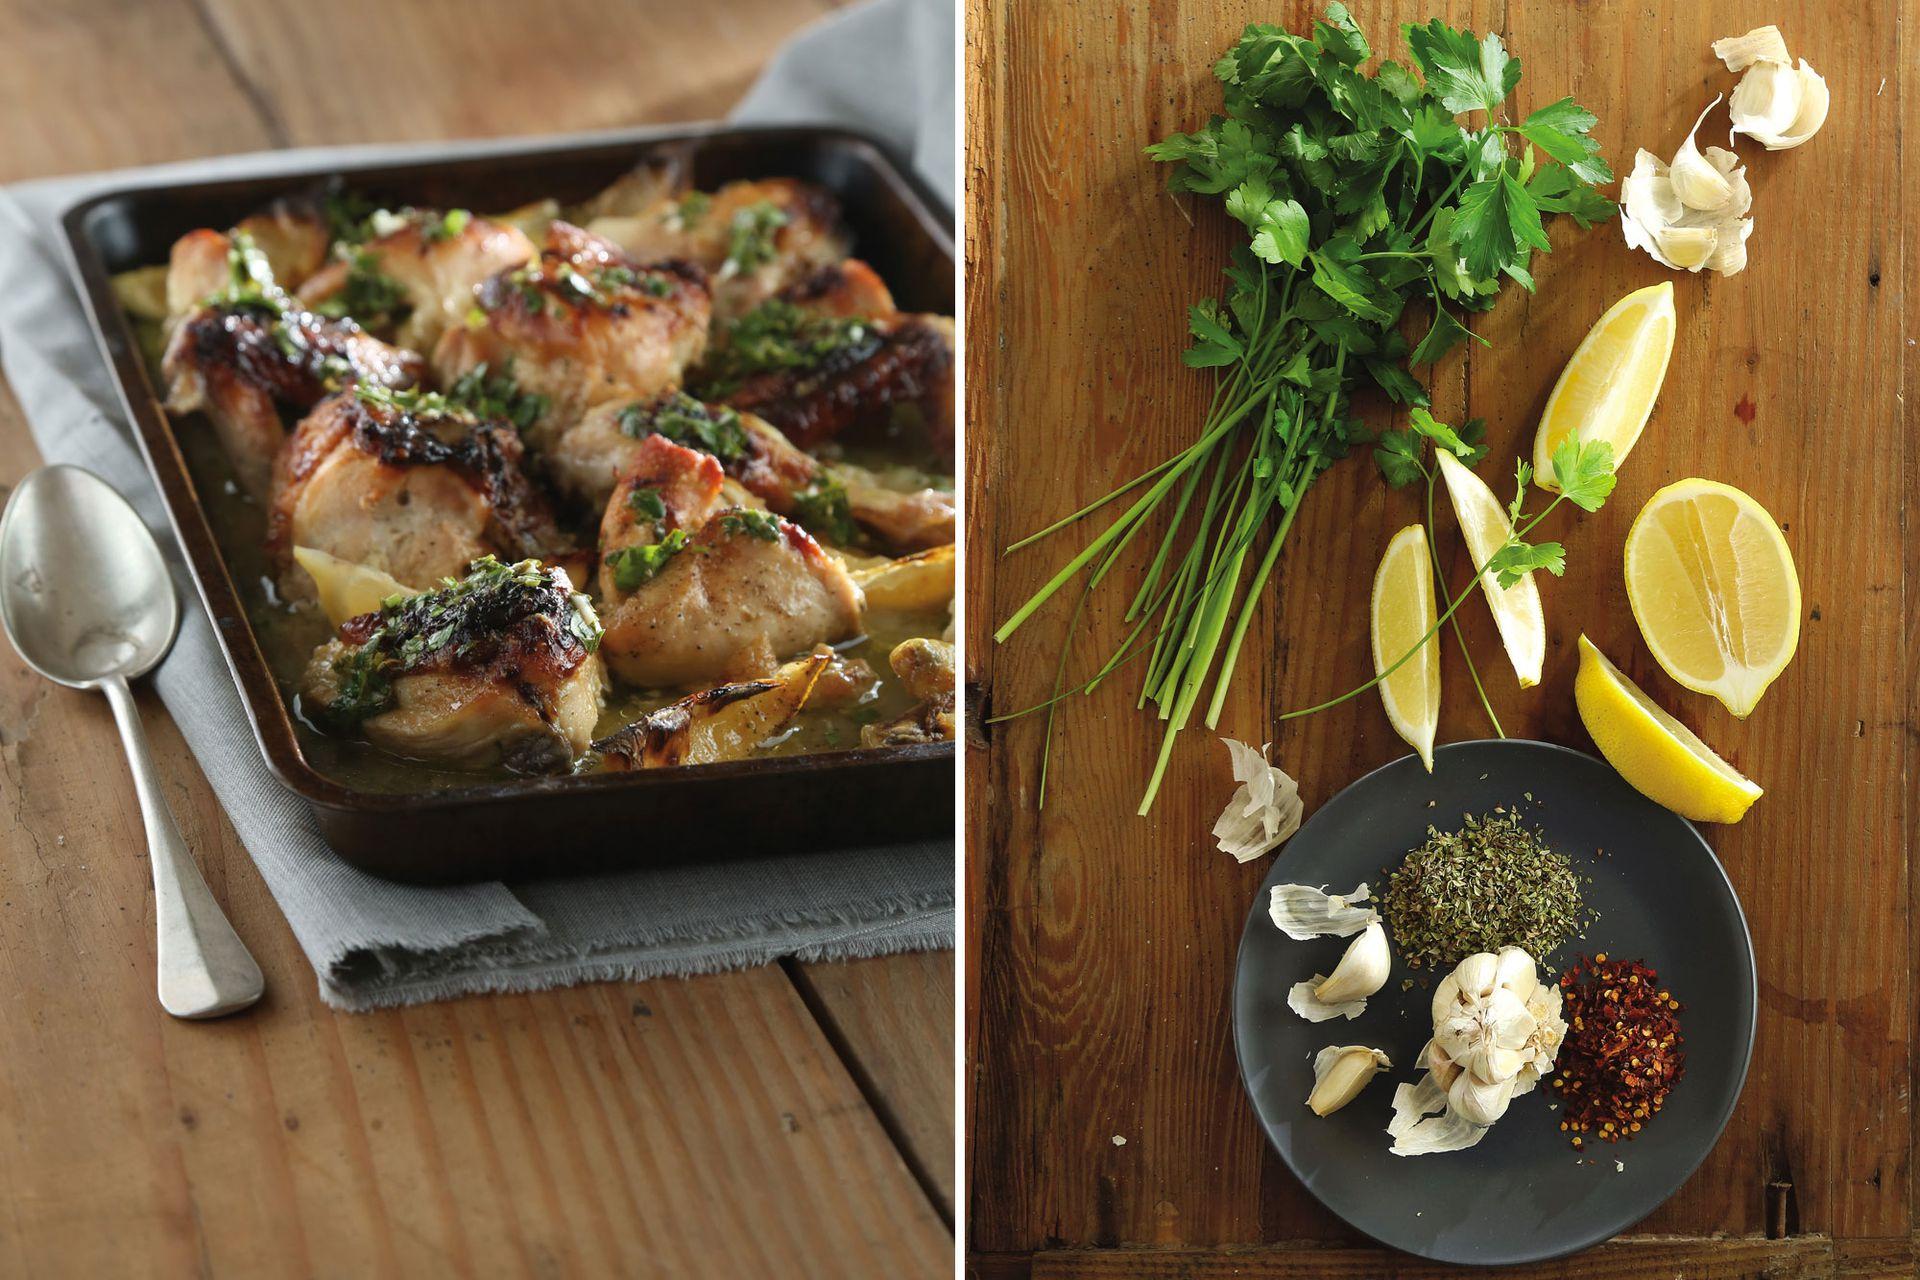 En esta receta, si te quedaste sin limones, podés usar naranjas. También reemplazar el pollo por costillitas de cerdo o carré de cerdo.